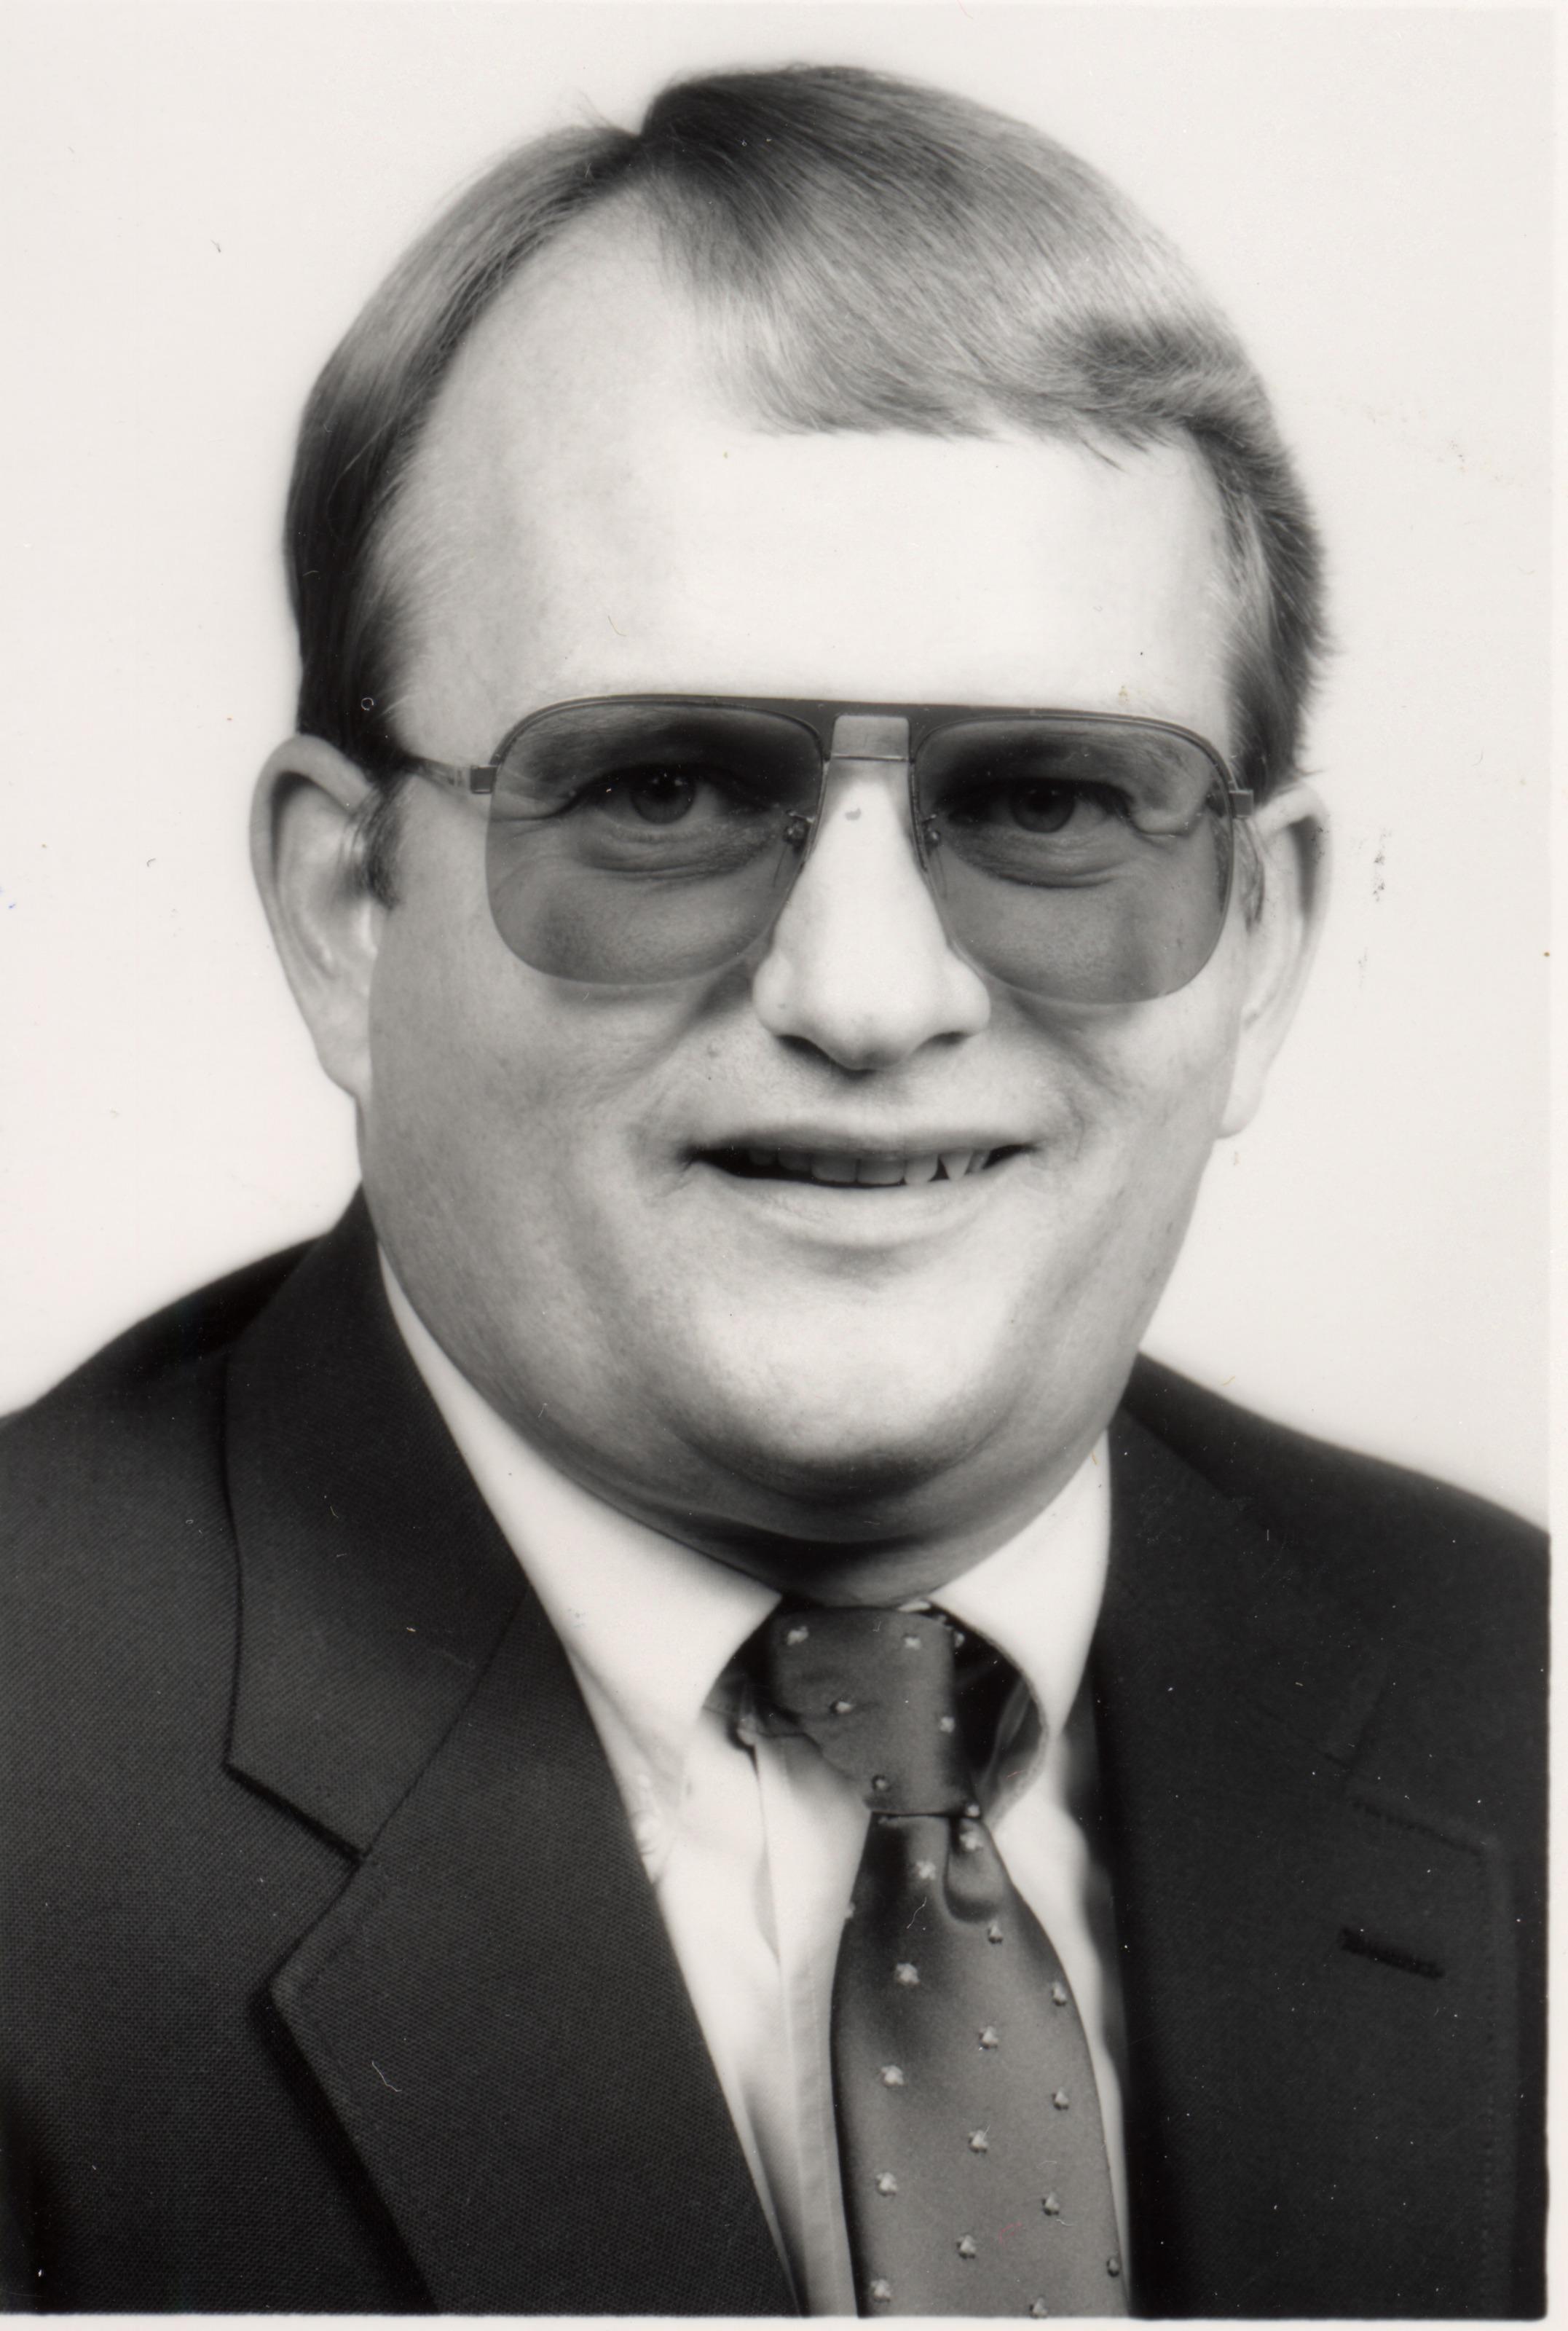 Coach Raetz